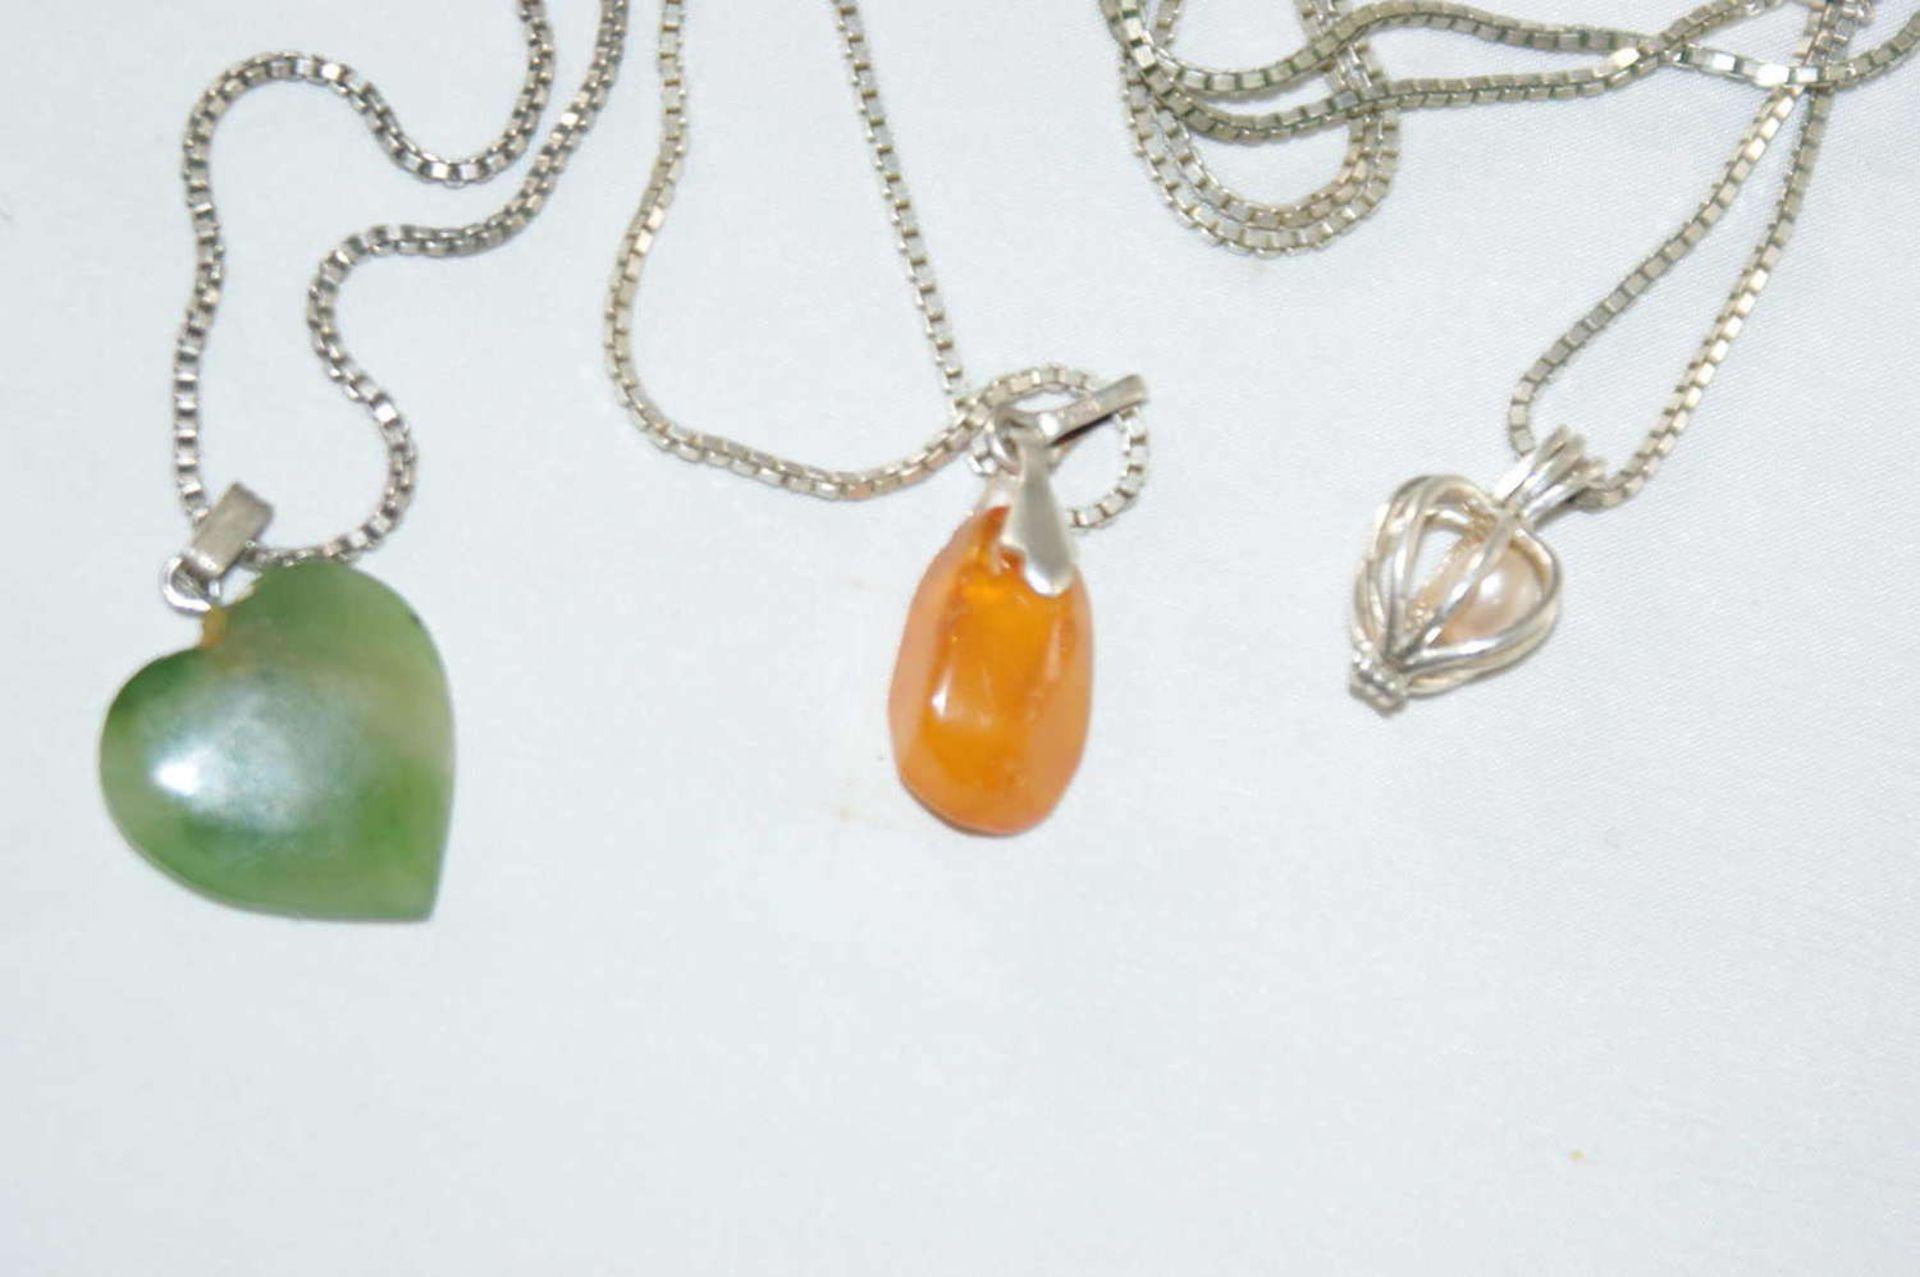 3 Silberketten mit Anhänger, 2x Halbedelstein, 1x Perle. Gewicht ca. 23 gr. - Bild 2 aus 2